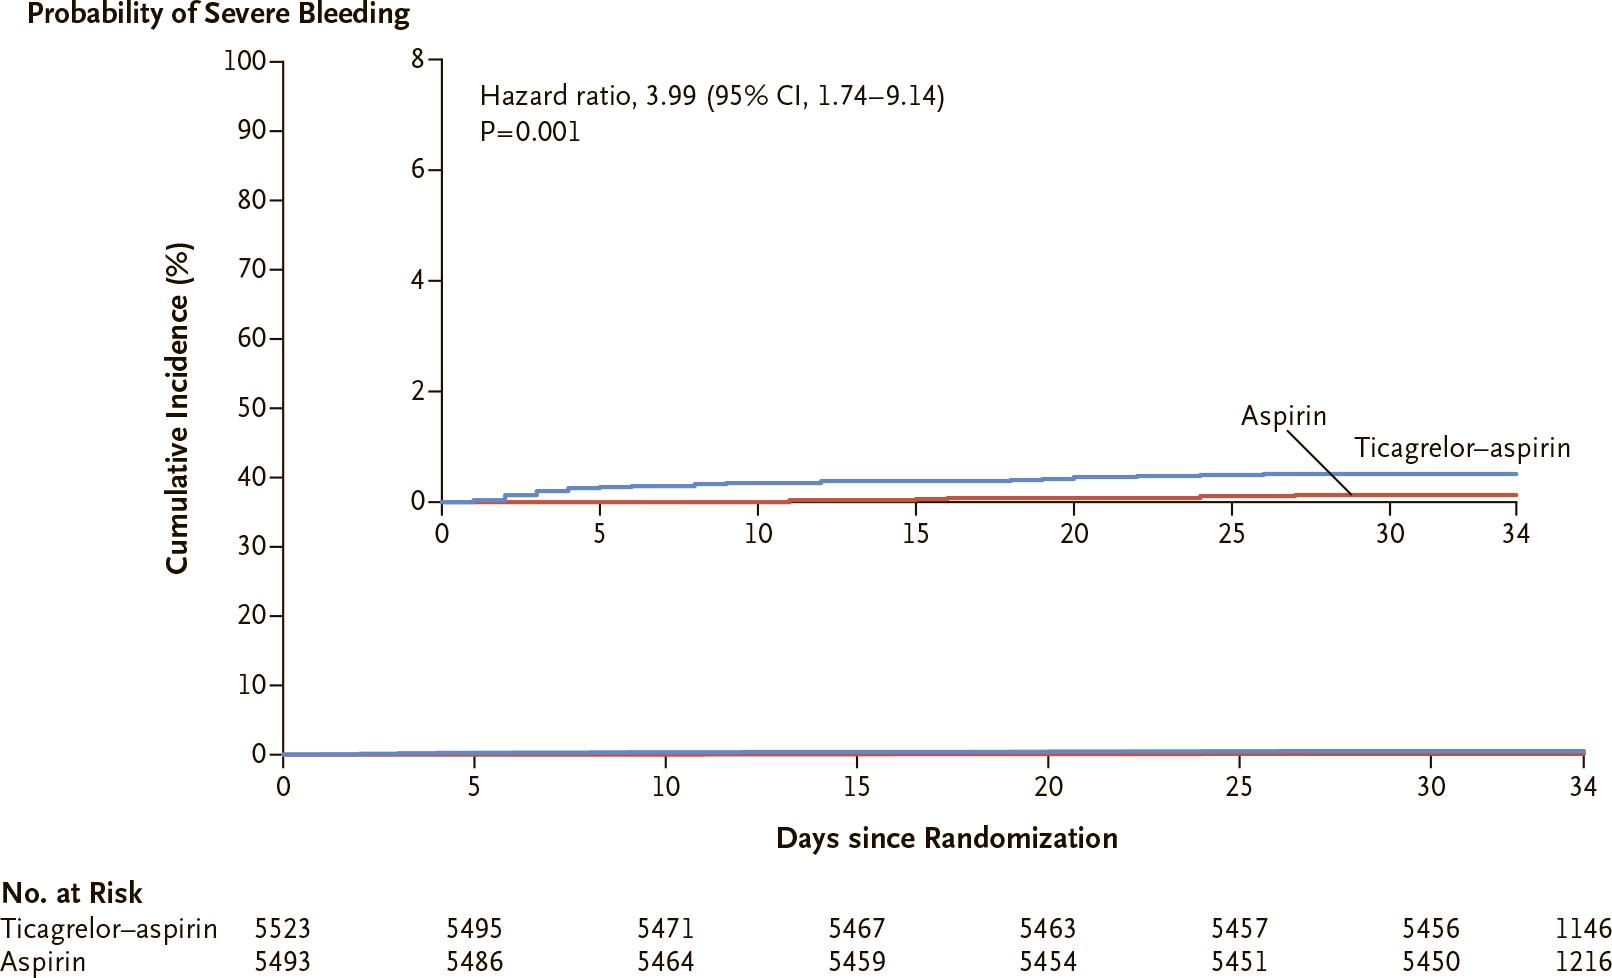 nct03354429 results 03 - «Брилинта»: эффективная профилактика инсультов